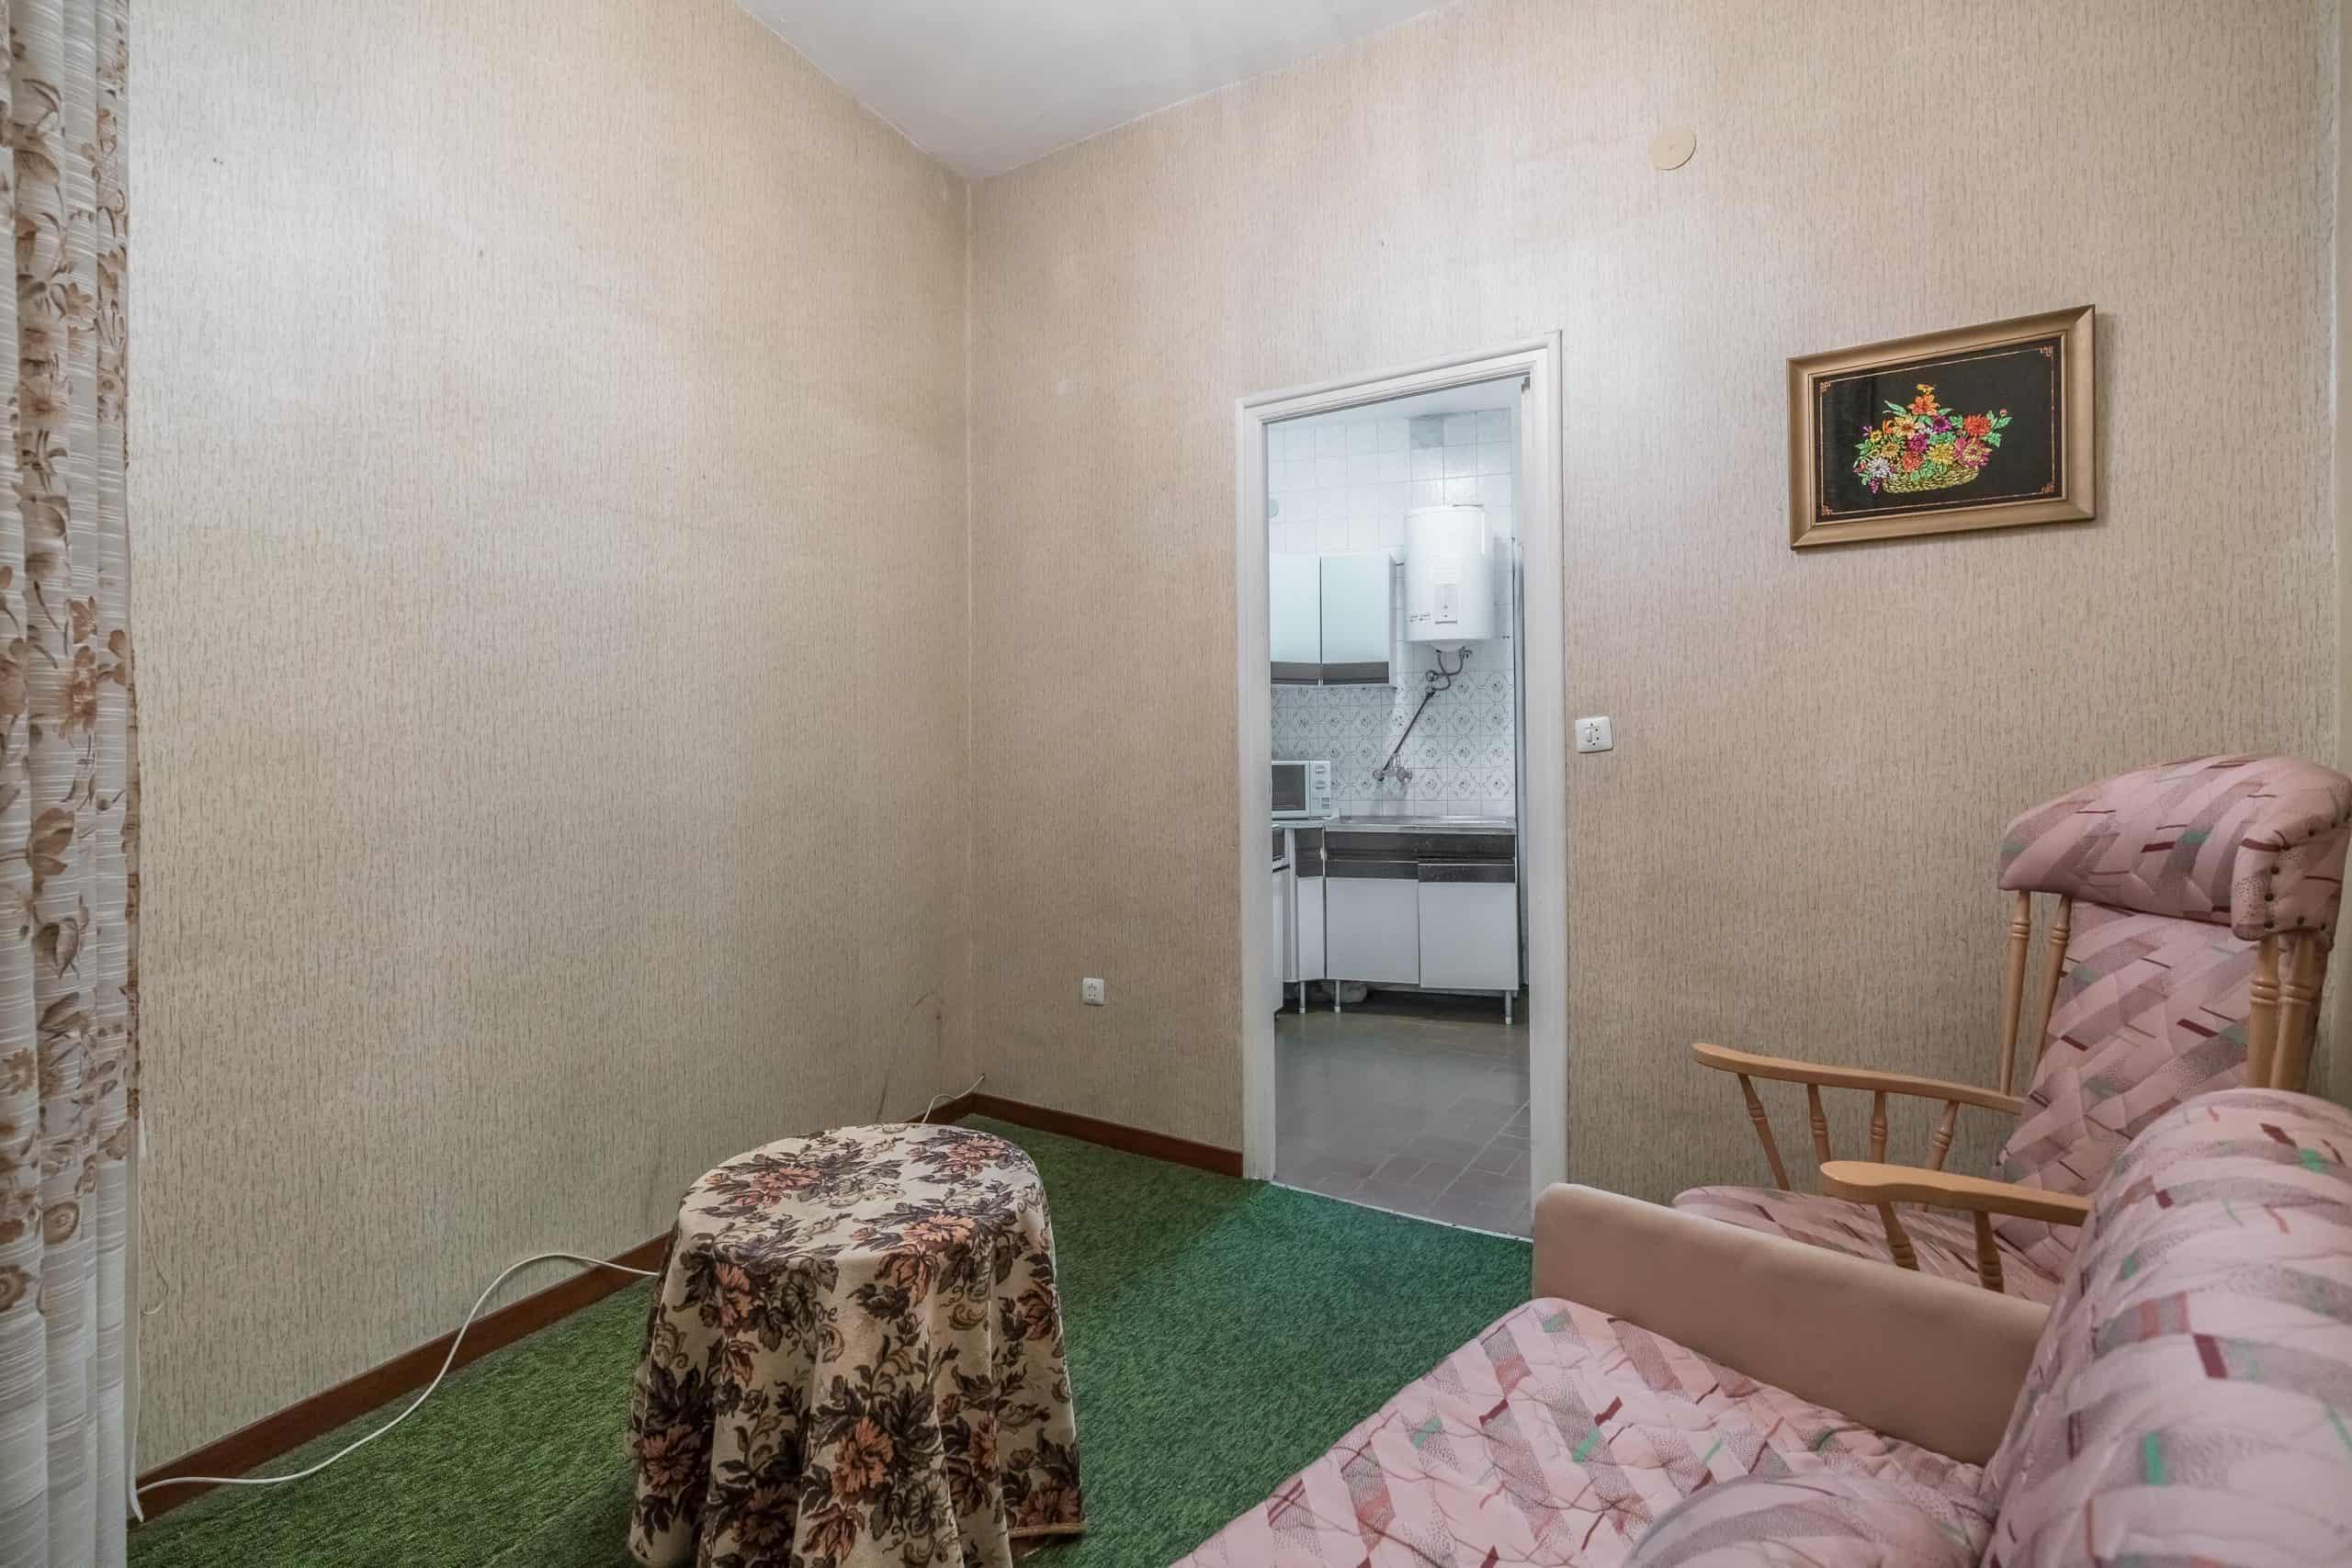 Agencia Inmobiliaria de Madrid-FUTUROCASA-Zona ARGANZUELA-EMBAJADORES-LEGAZPI -plaza General Vara del Rey-dormitorio